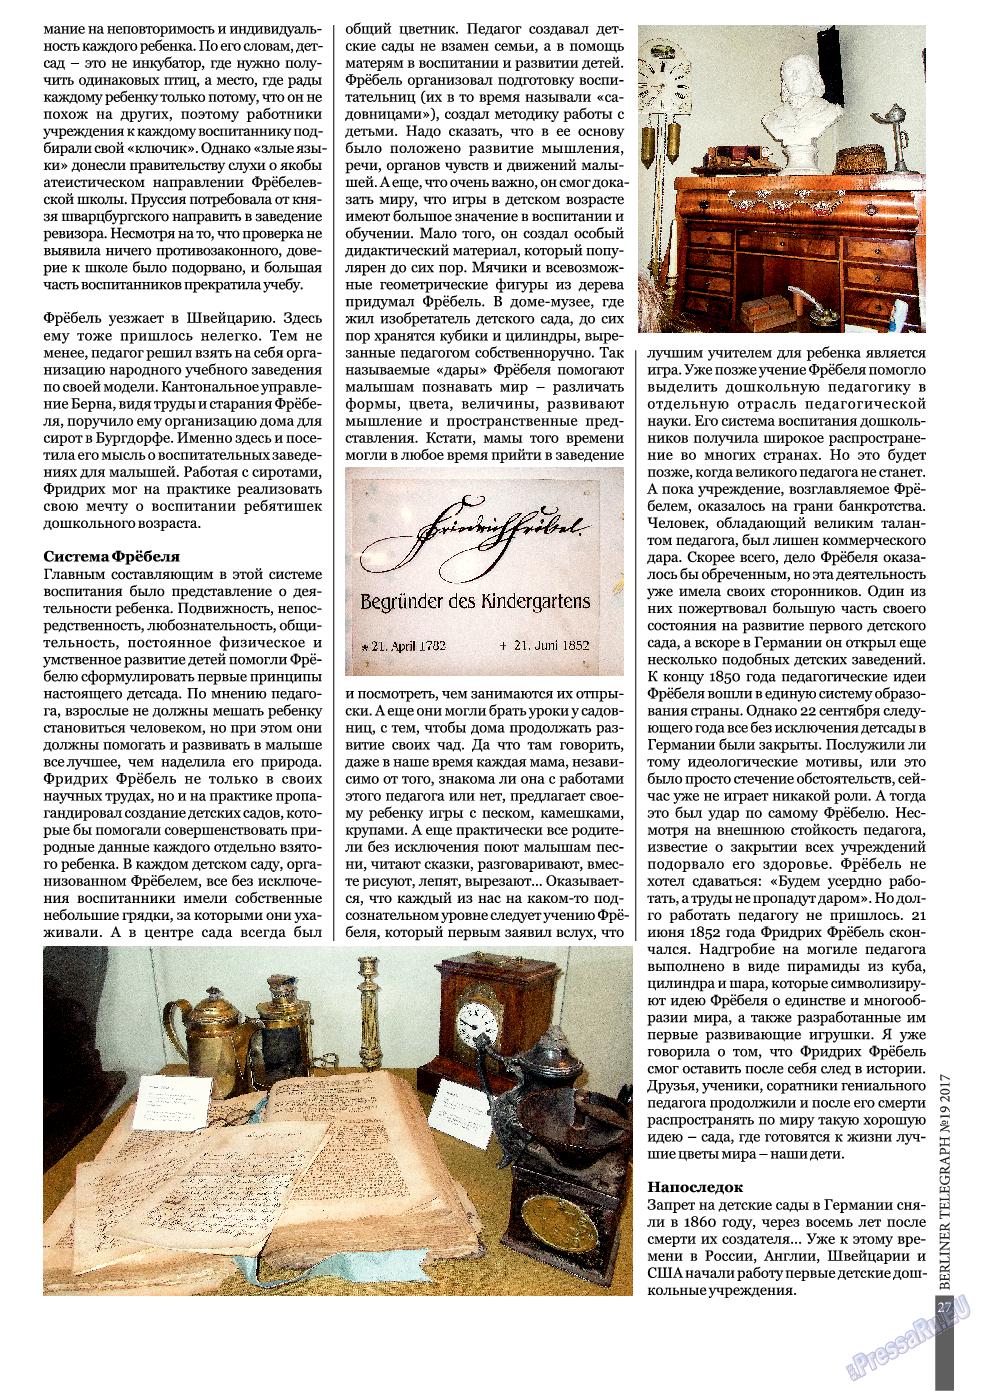 Берлинский телеграф (журнал). 2017 год, номер 19, стр. 27